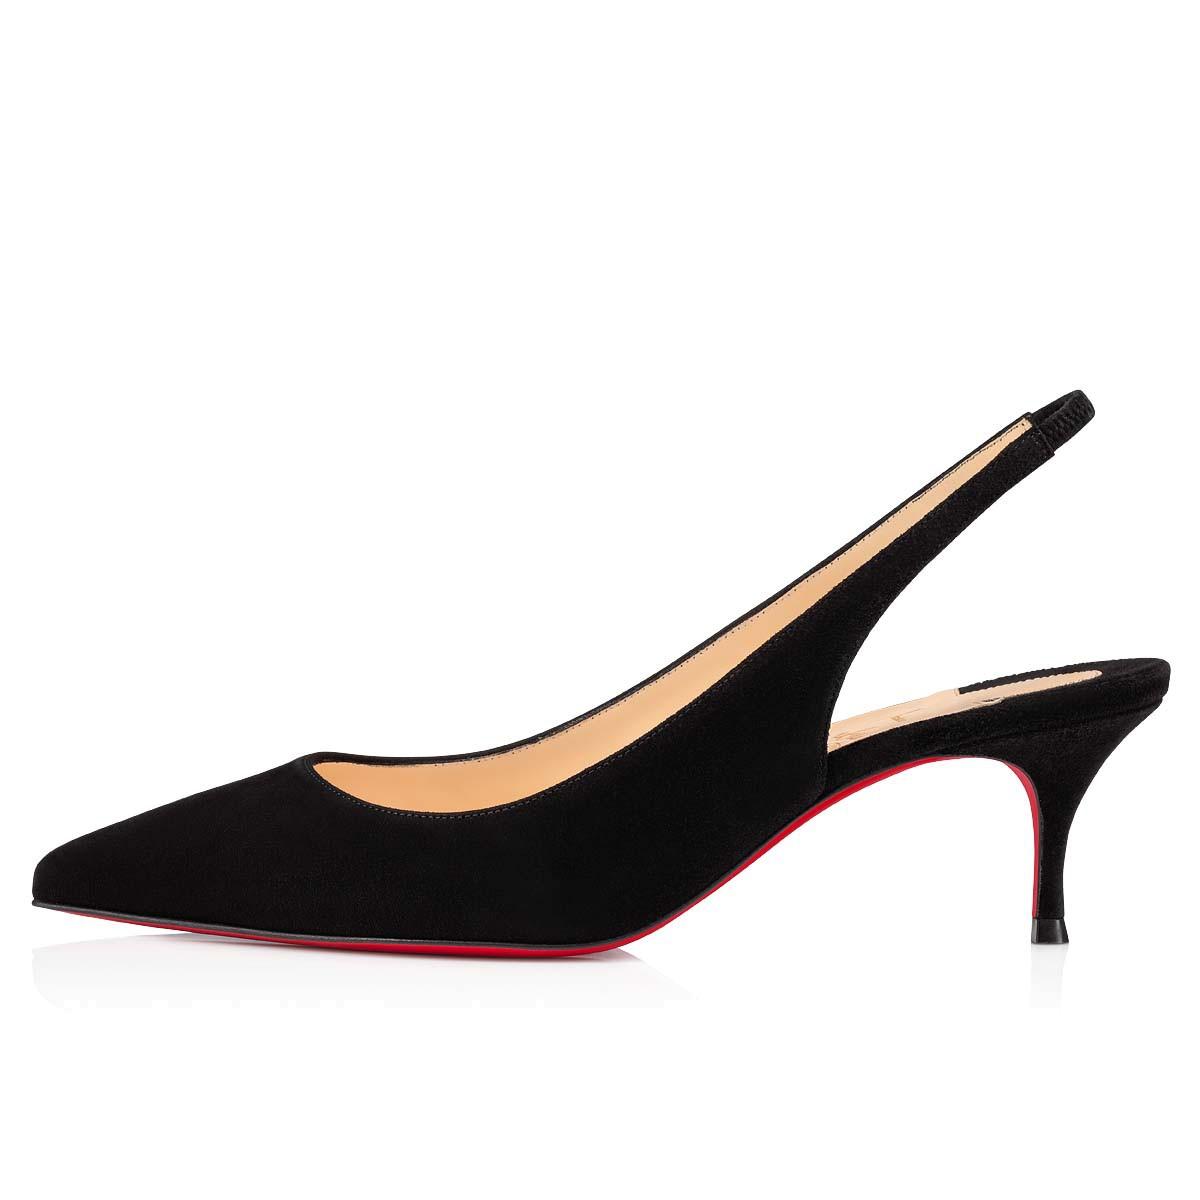 鞋履 - Kate Sling - Christian Louboutin